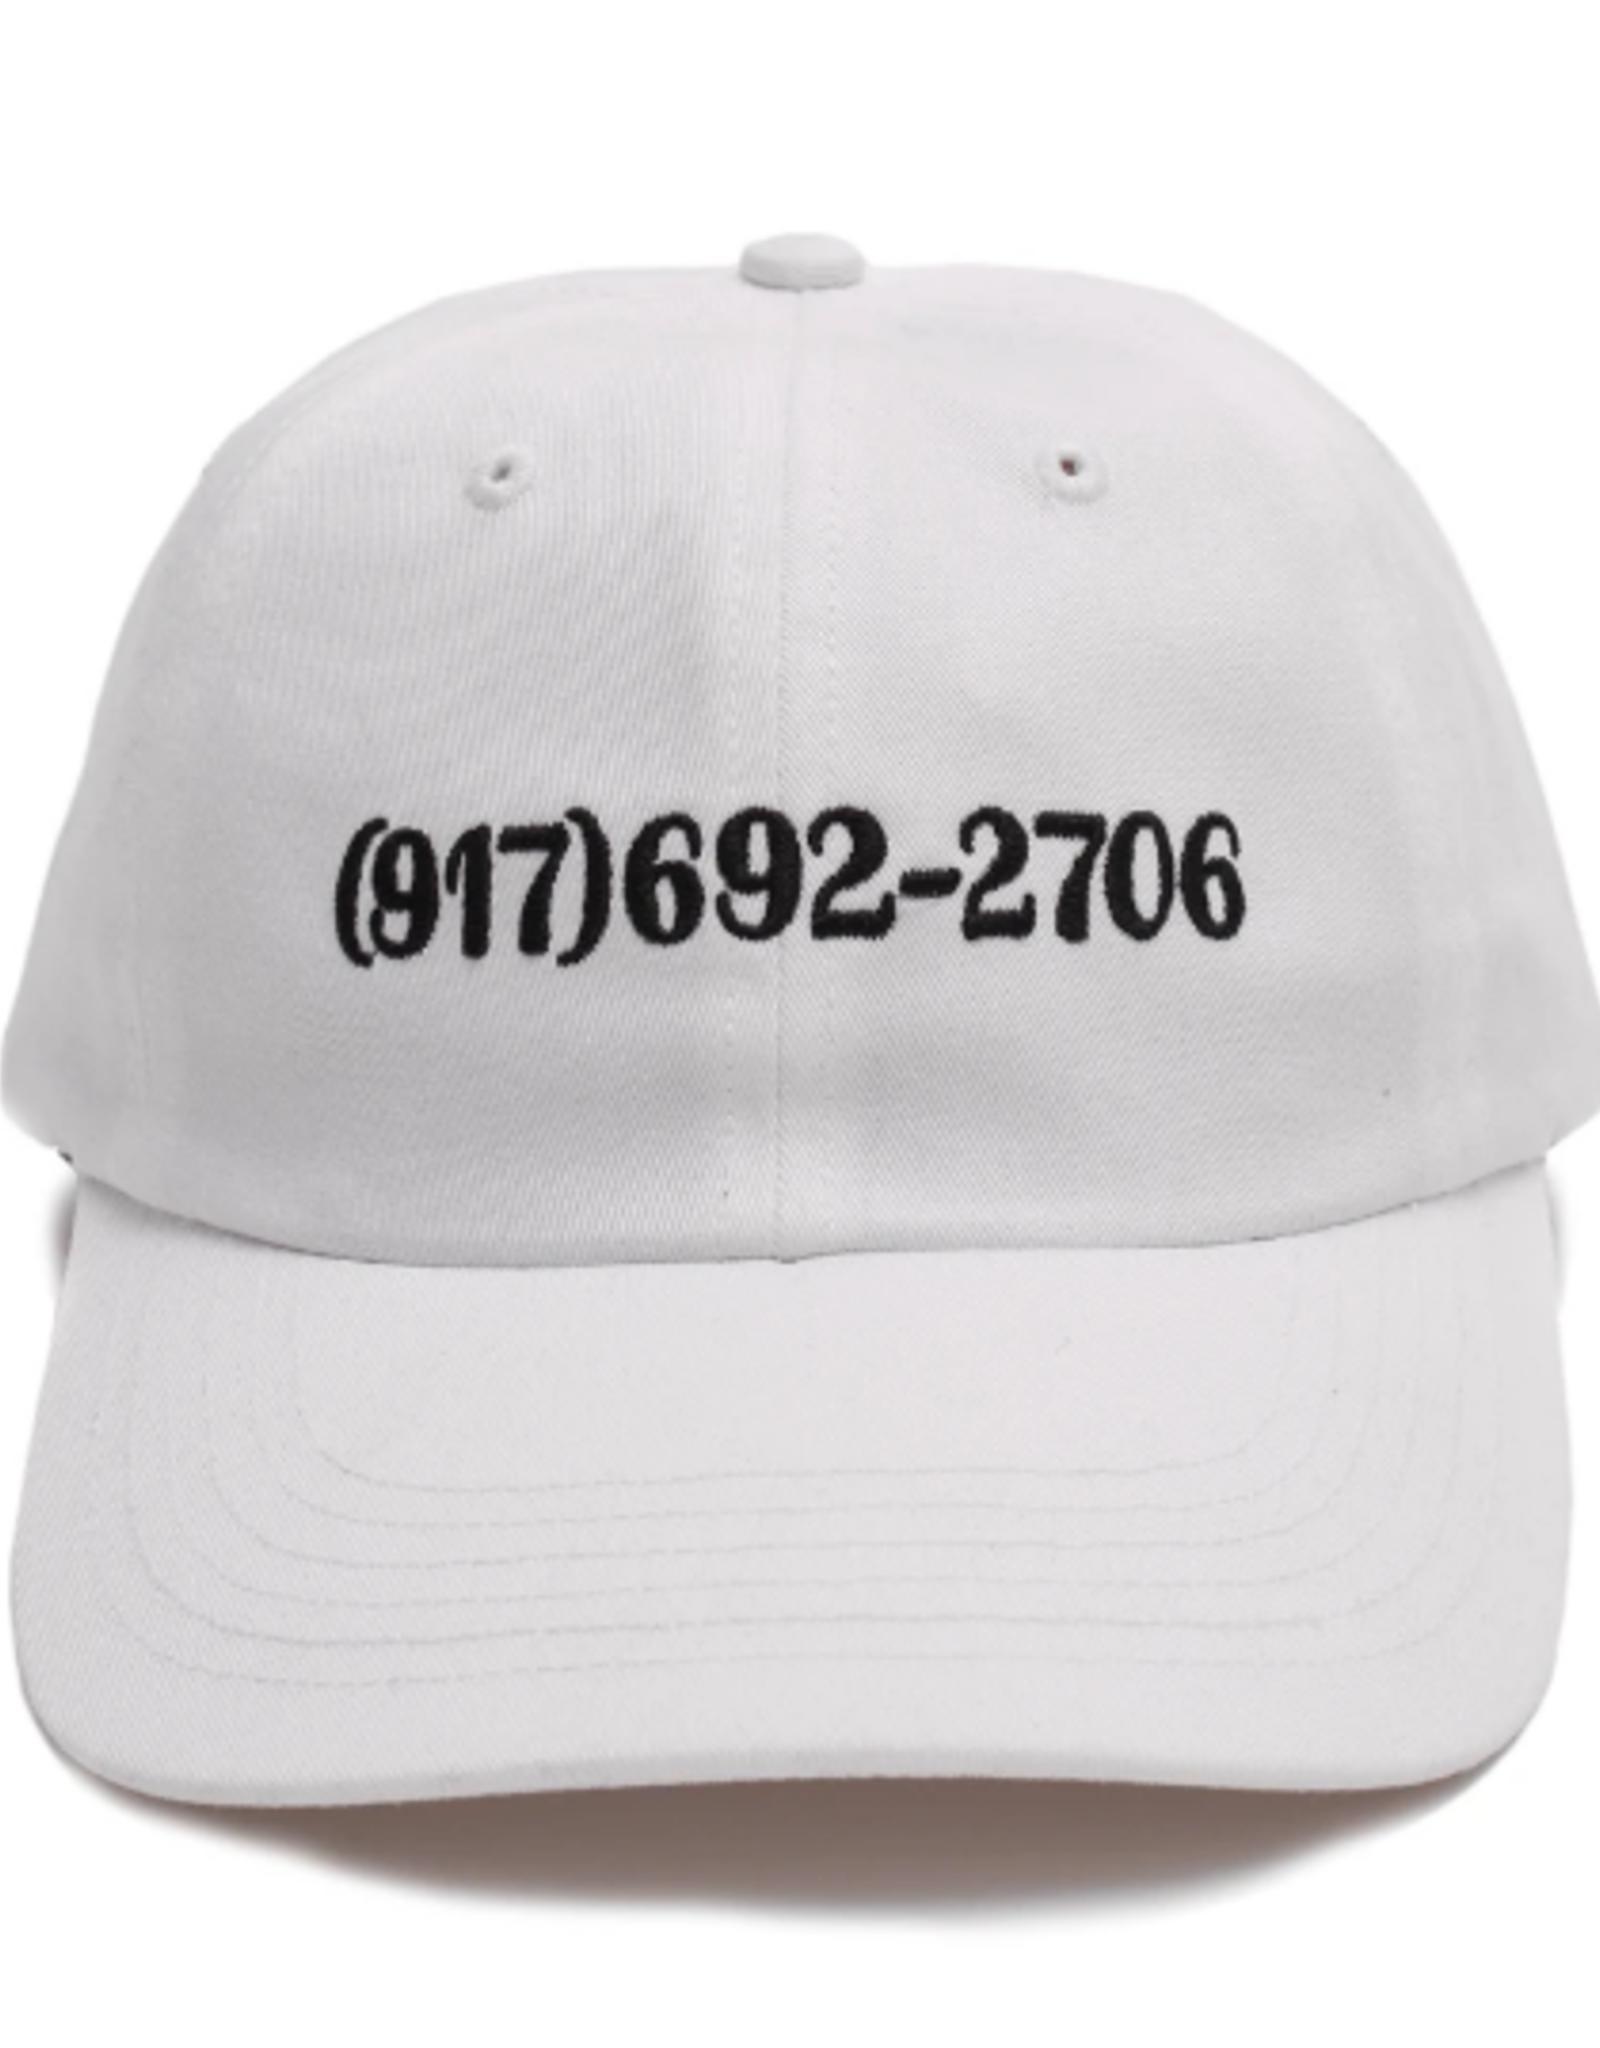 CALLME917 CALLME917 DIALTONE HAT WHITE